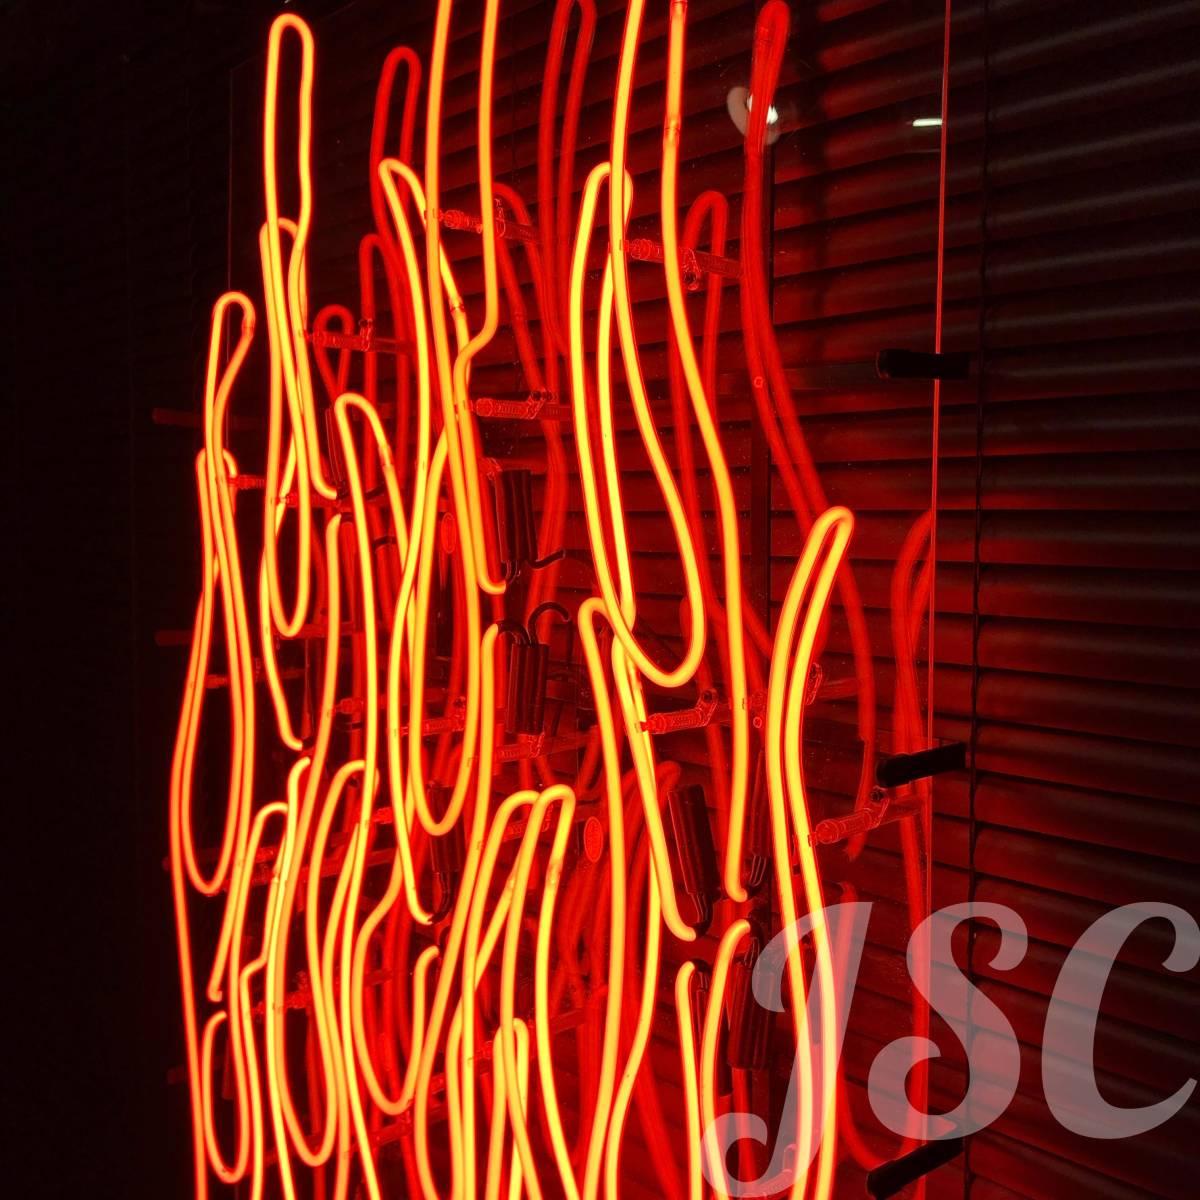 フレアパターン 特大 ネオン サイン 看板 ファイヤーパターン店舗ガレージ ハーレーショベル シボレーフォードダッヂタトゥーbarber JSC88